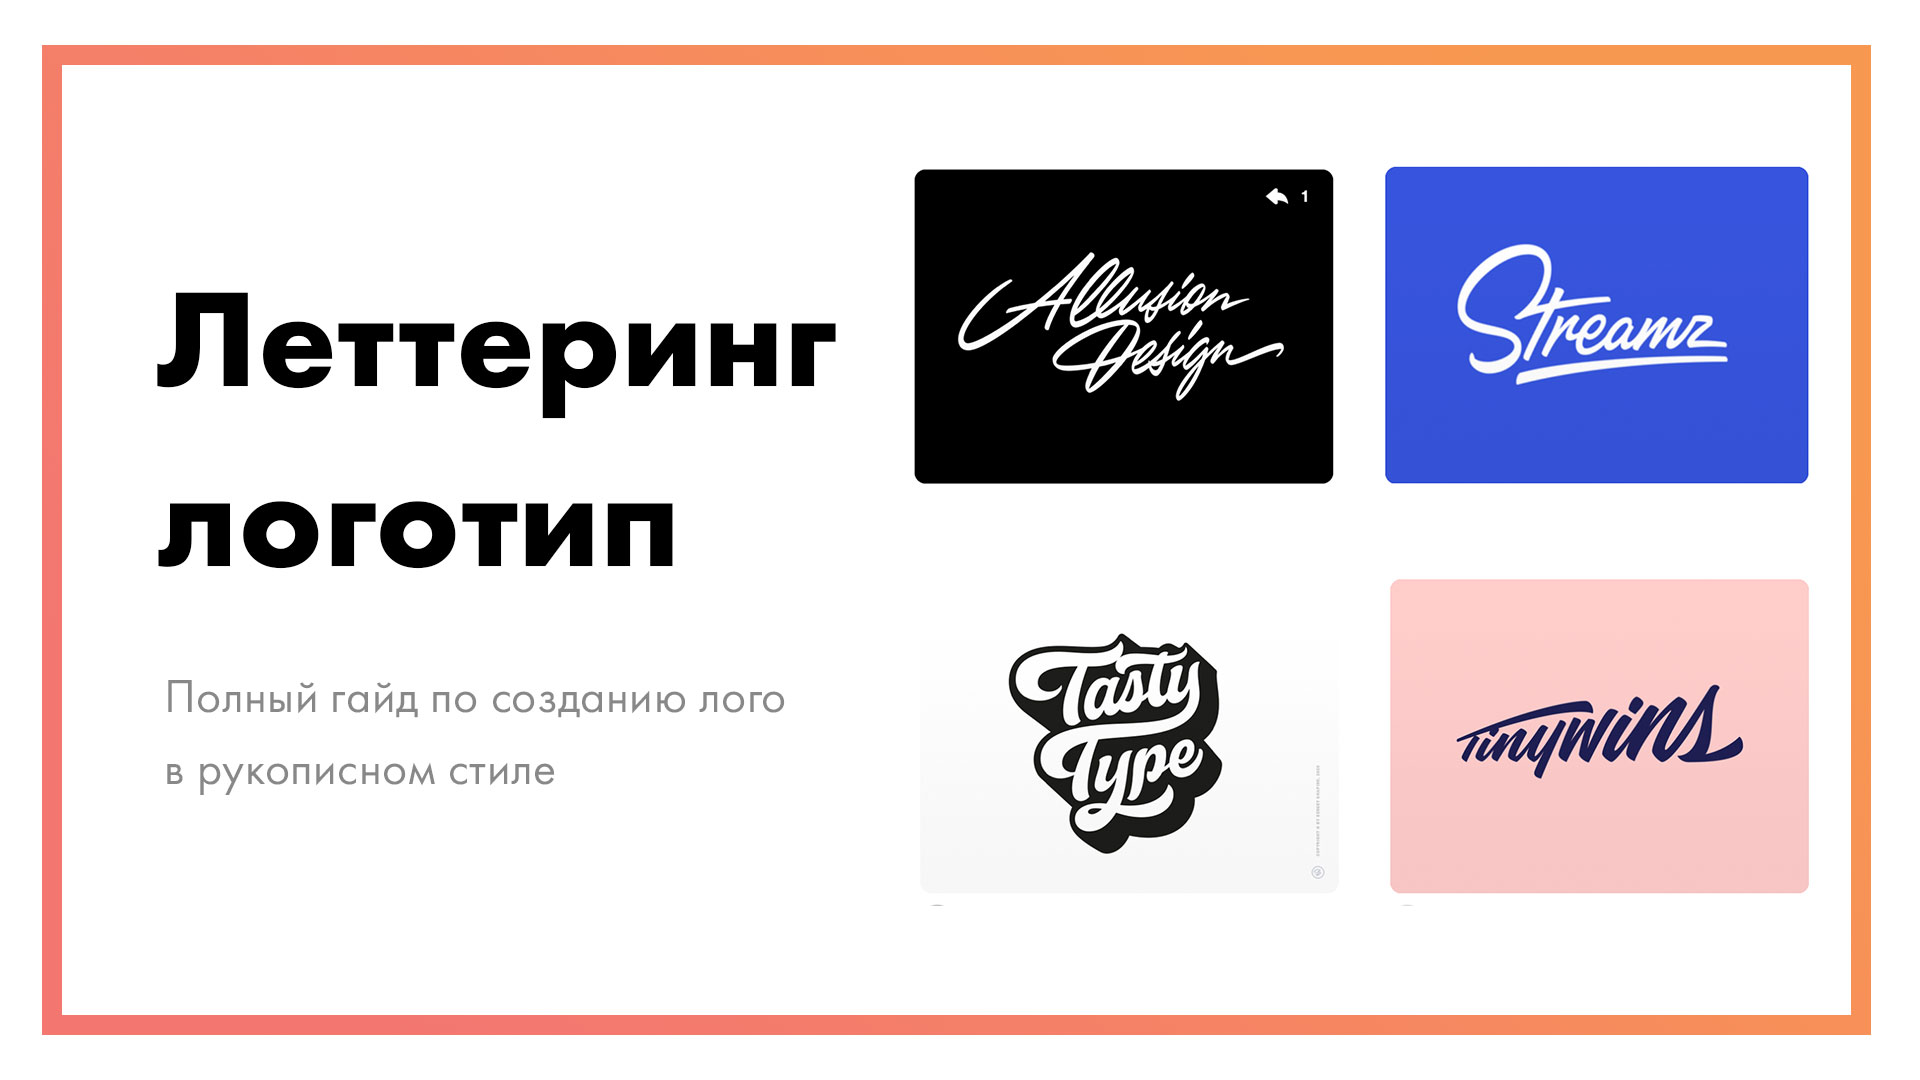 Леттеринг-логотип-–-полный-гайд-по-созданию-лого-в-рукописном-стиле.jpg